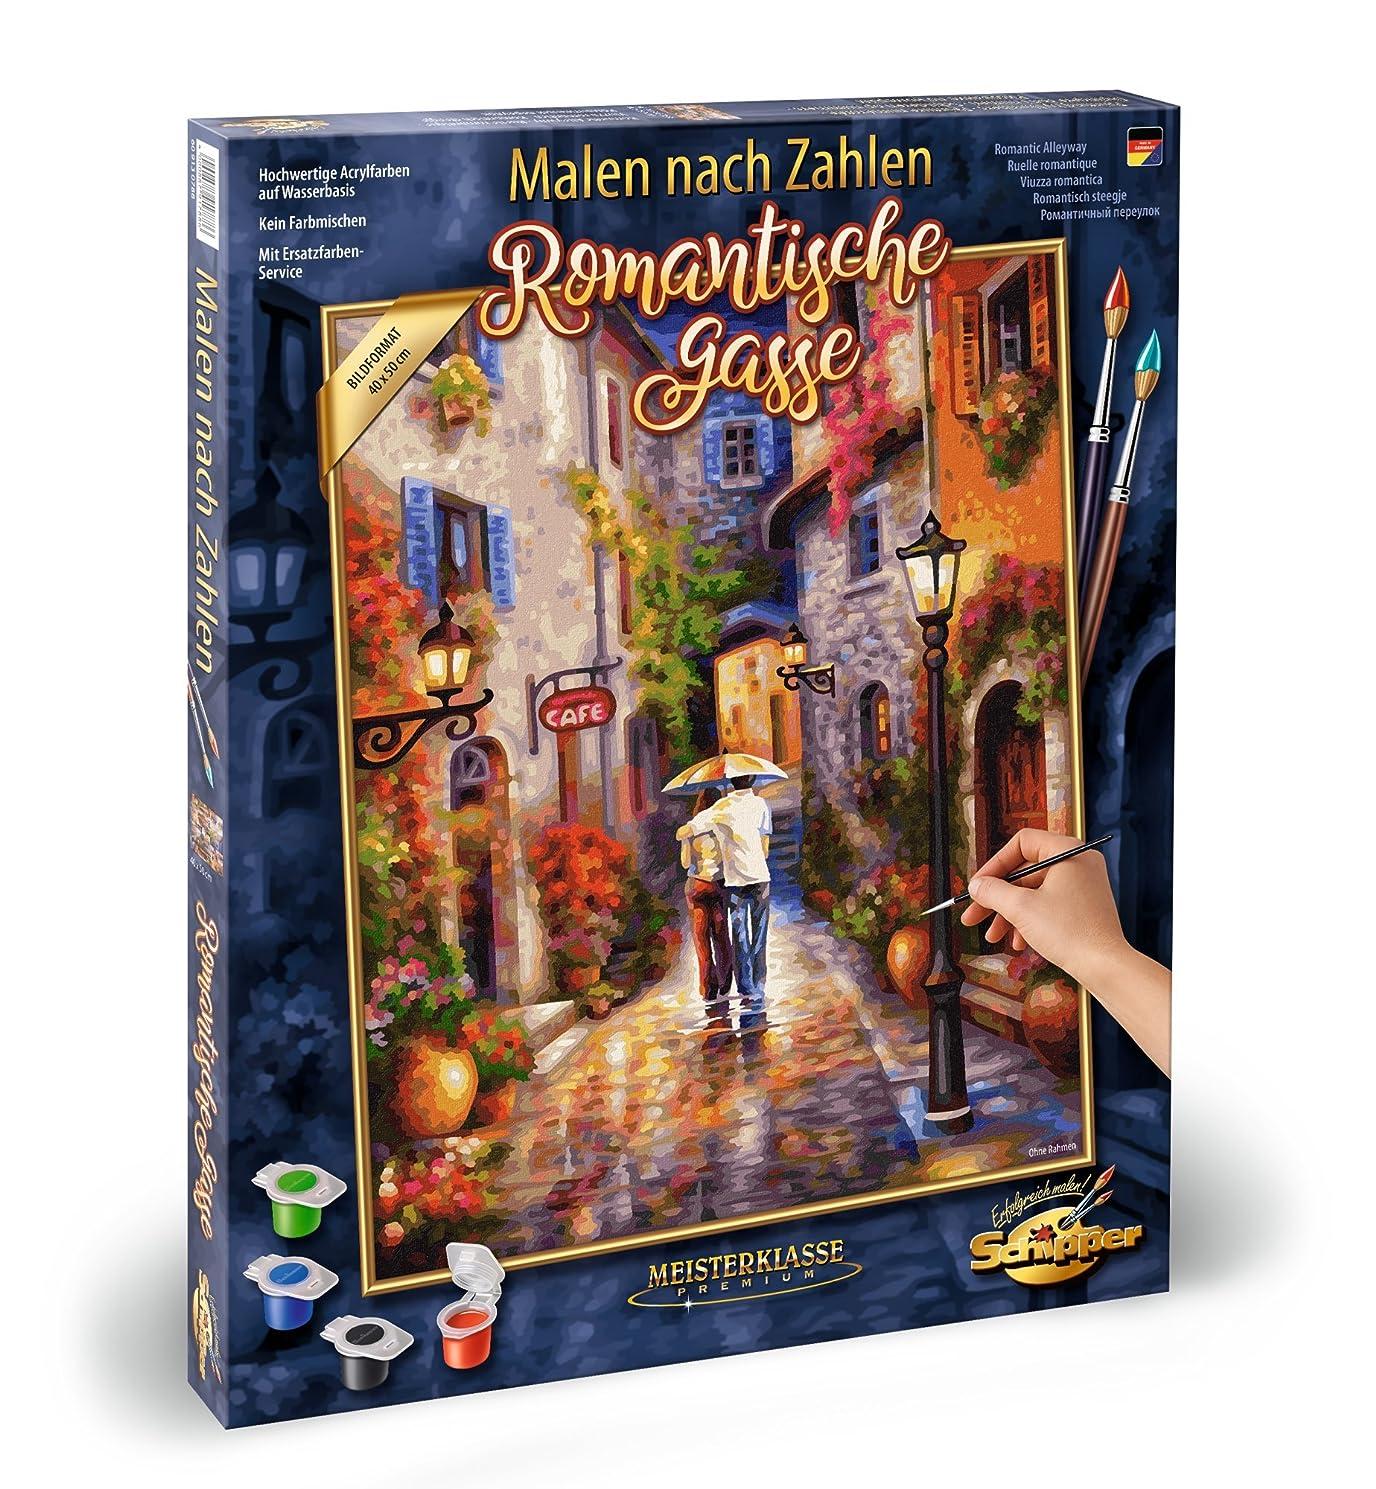 Noris Spiele Schipper Paint Numbers – Romantic 609130788 Gasse, 40 x 50 cm Multicoloured, Colourful